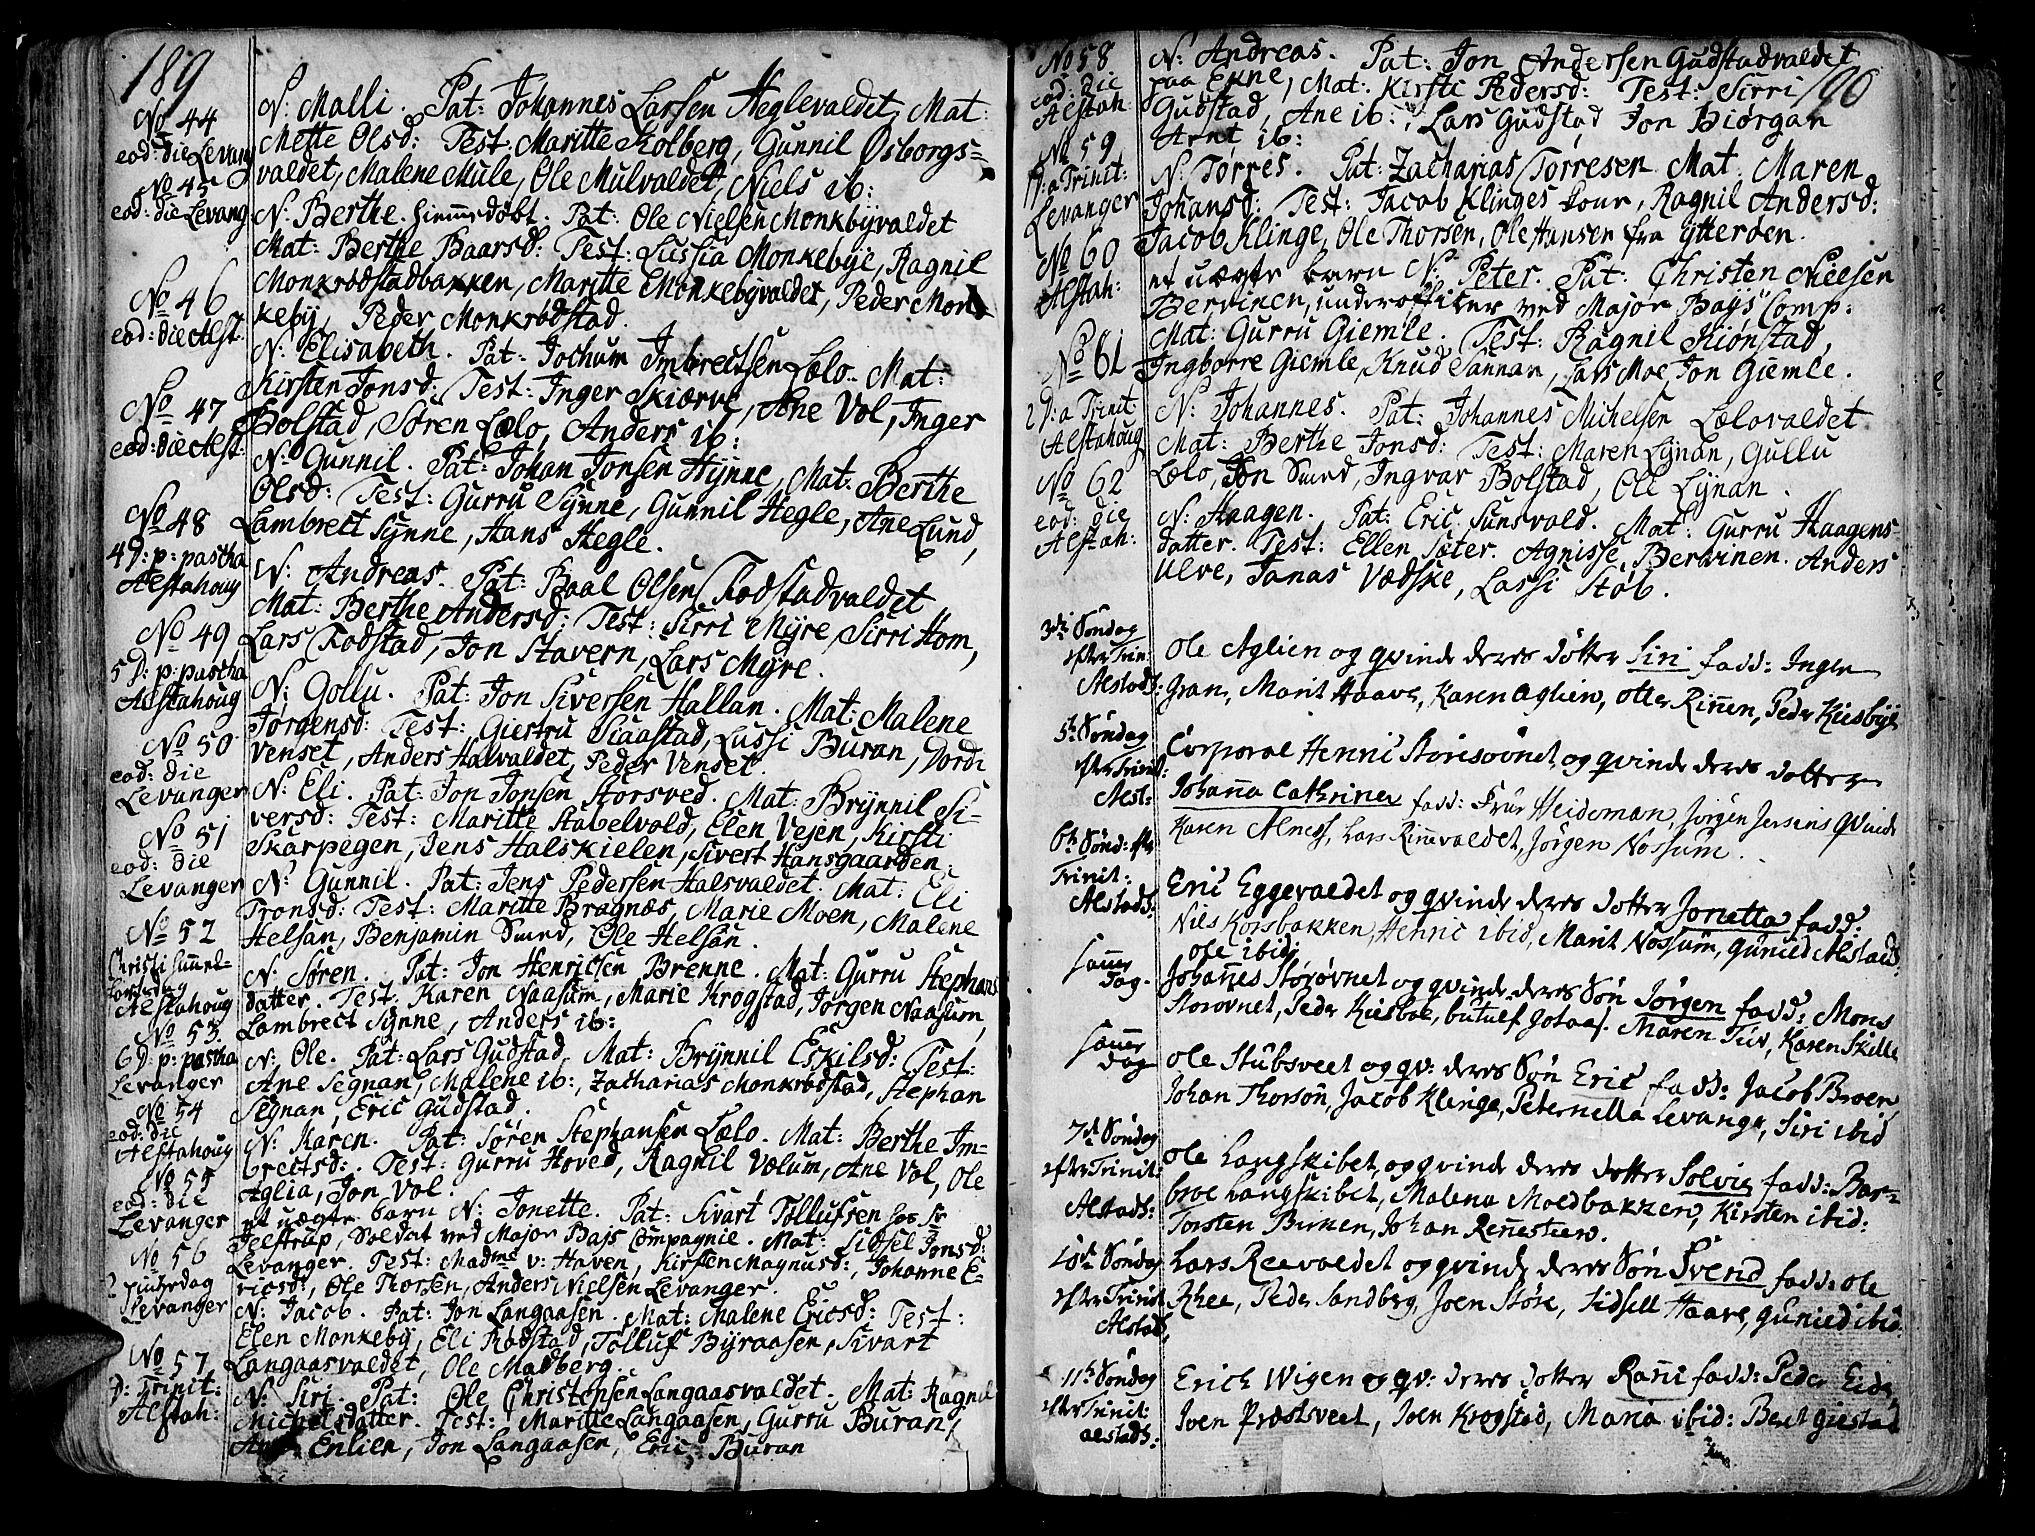 SAT, Ministerialprotokoller, klokkerbøker og fødselsregistre - Nord-Trøndelag, 717/L0141: Ministerialbok nr. 717A01, 1747-1803, s. 189-190